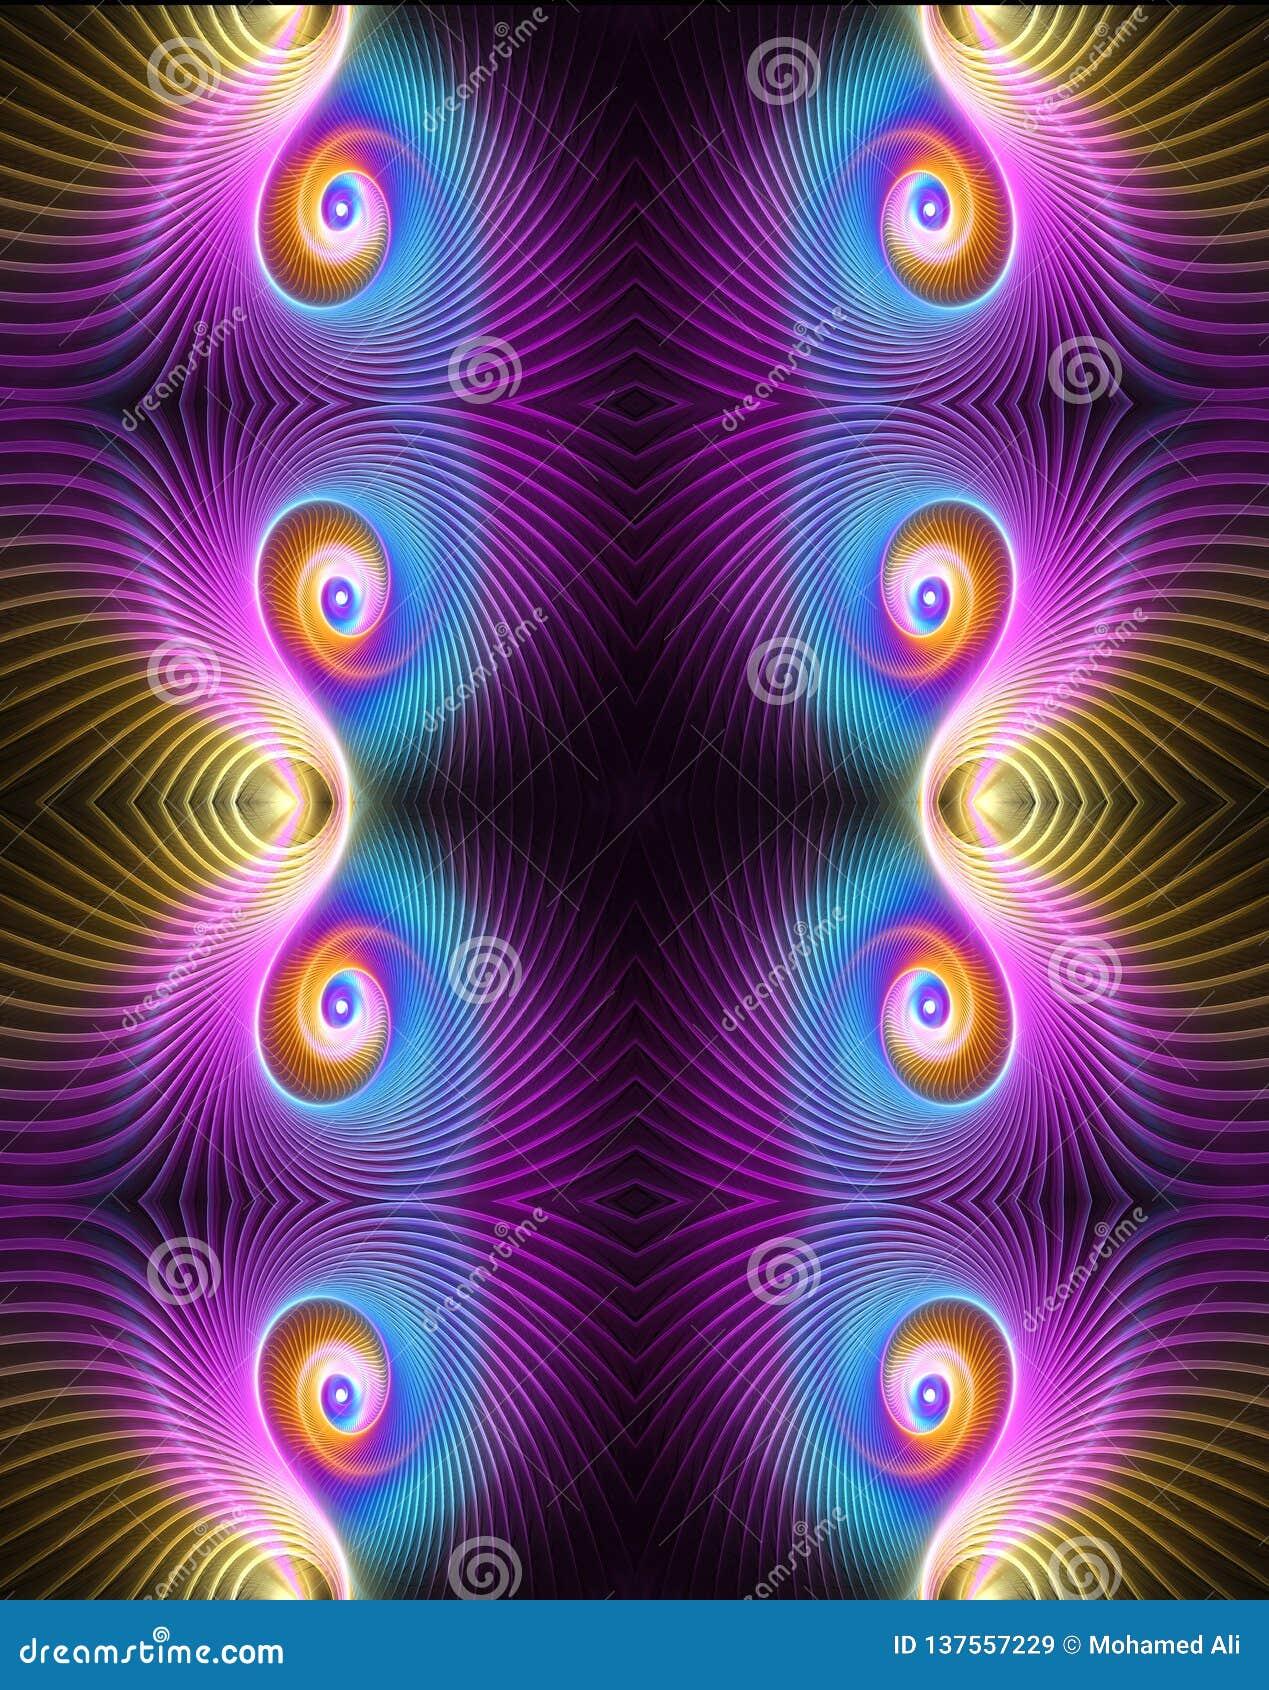 De abstracte artistieke 3d computer produceerde mooi multicolored elegant midden curvy optisch fractal kunstwerk